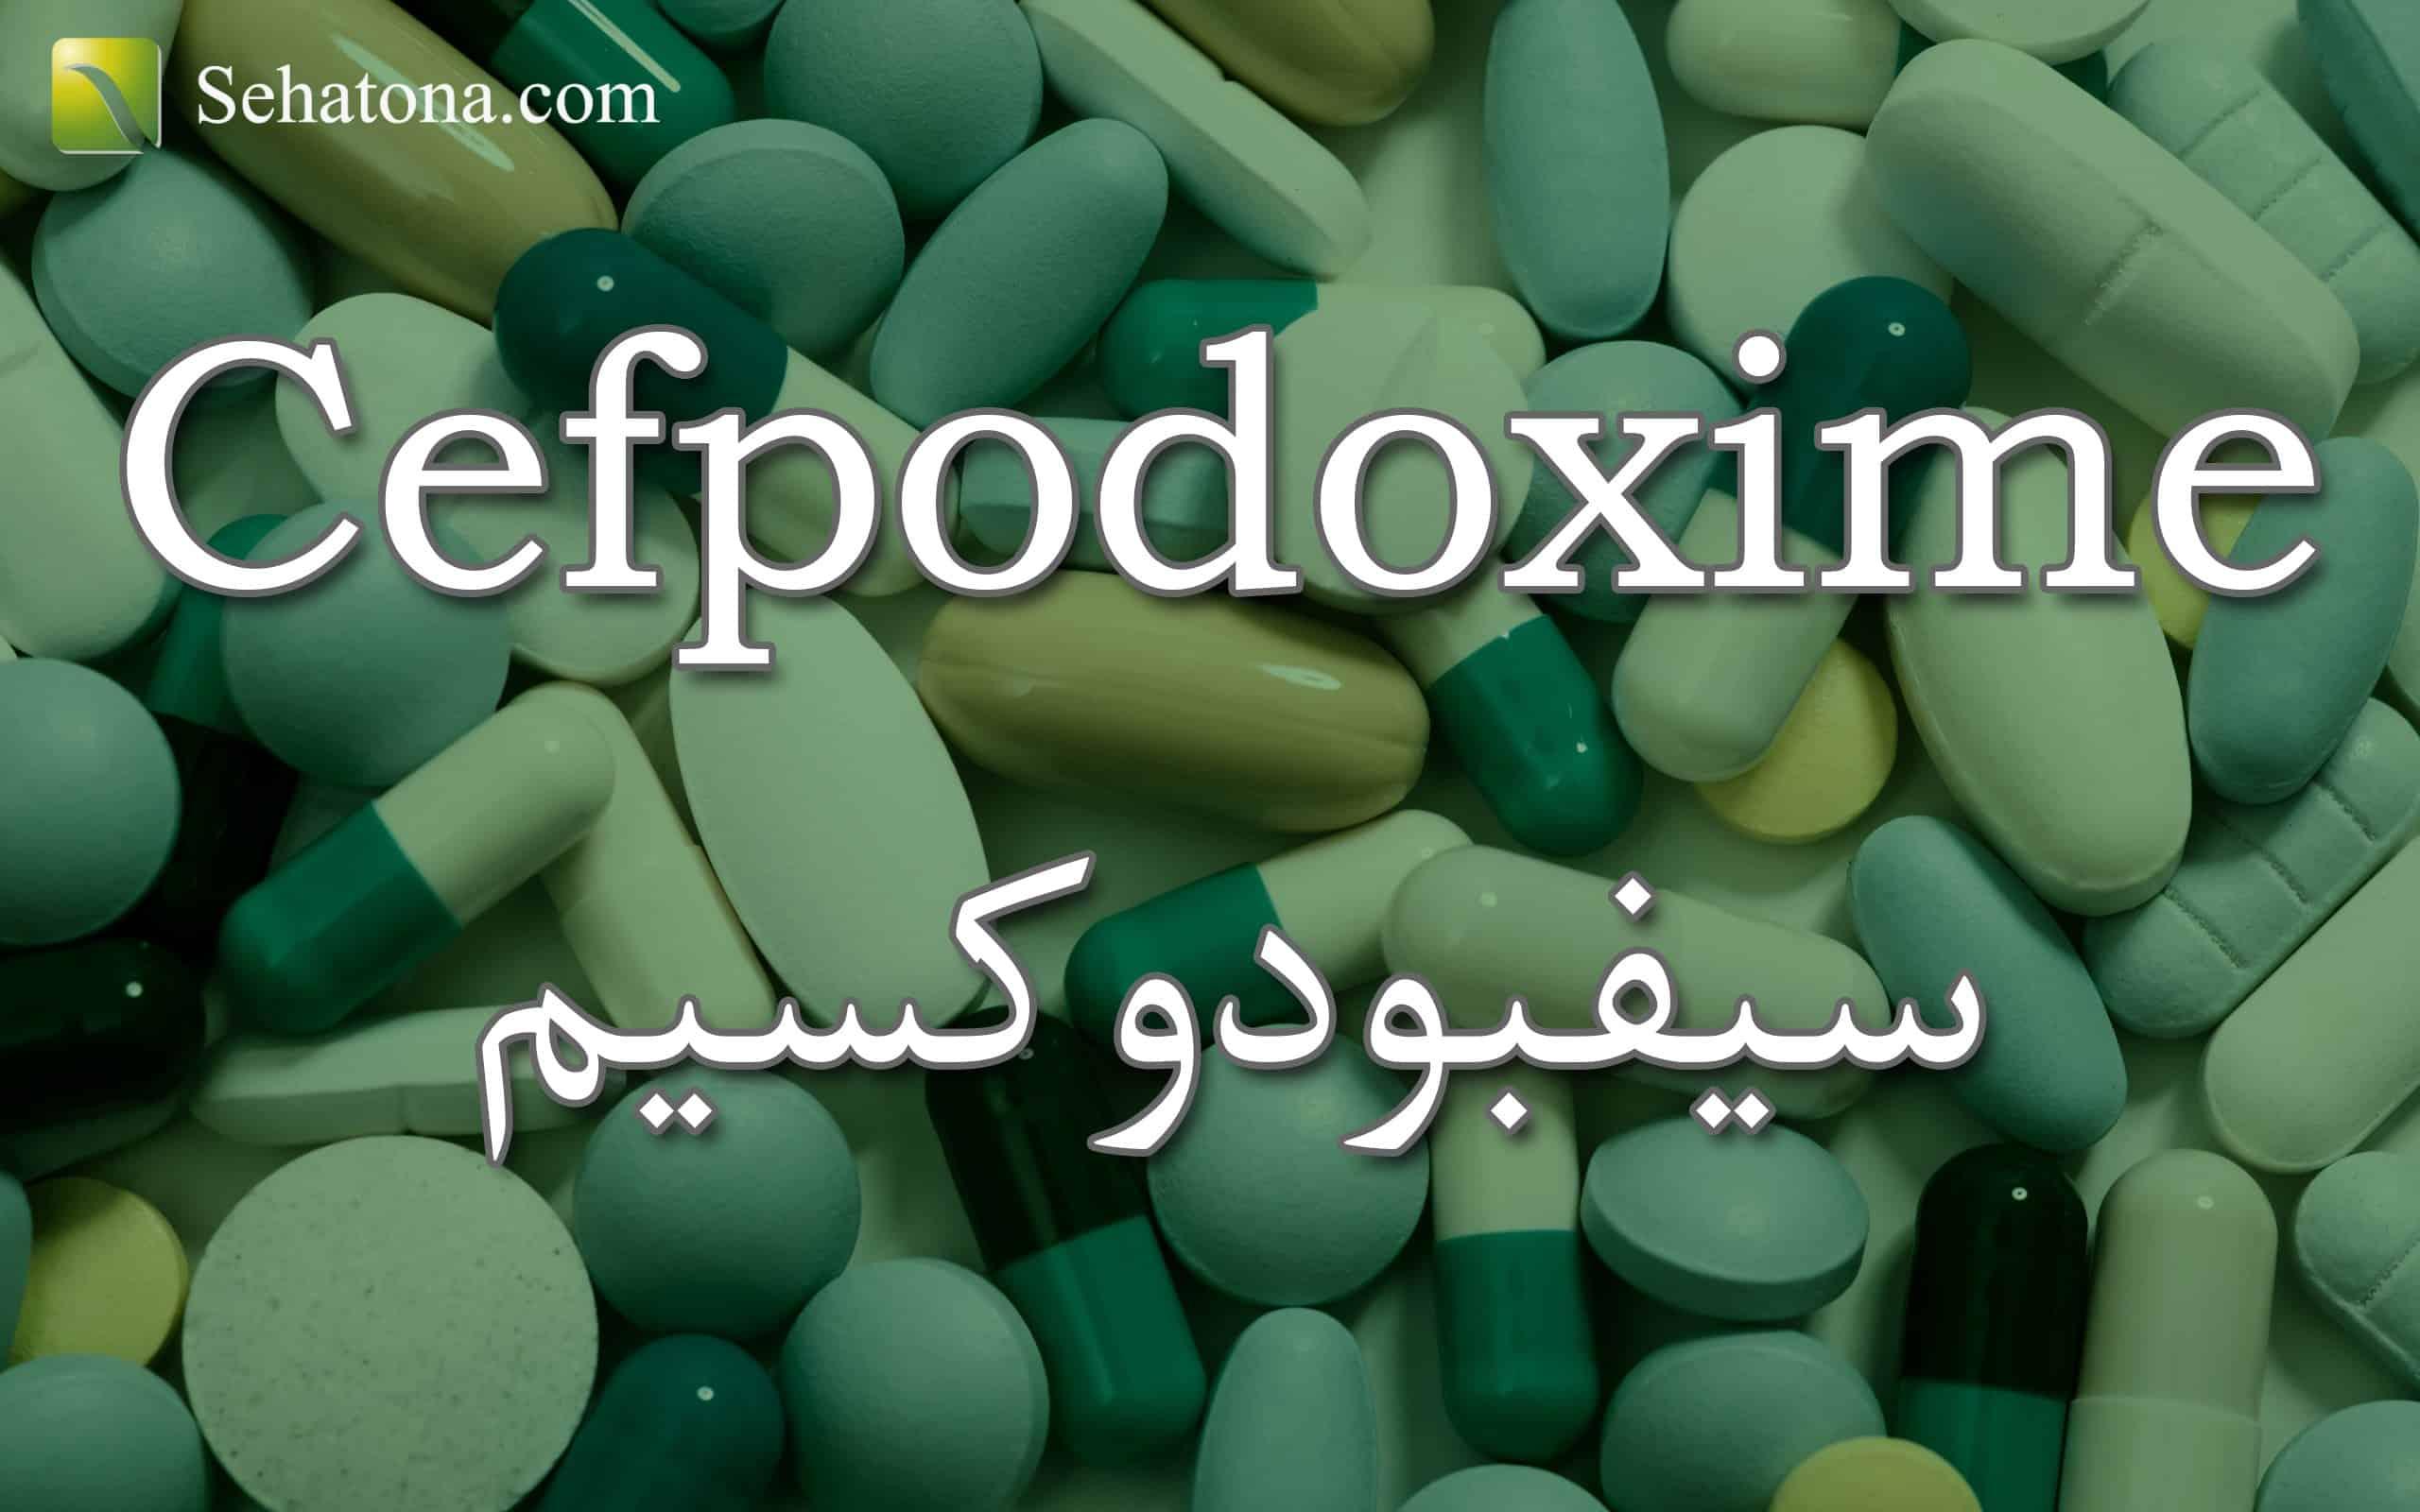 Cefpodoxime